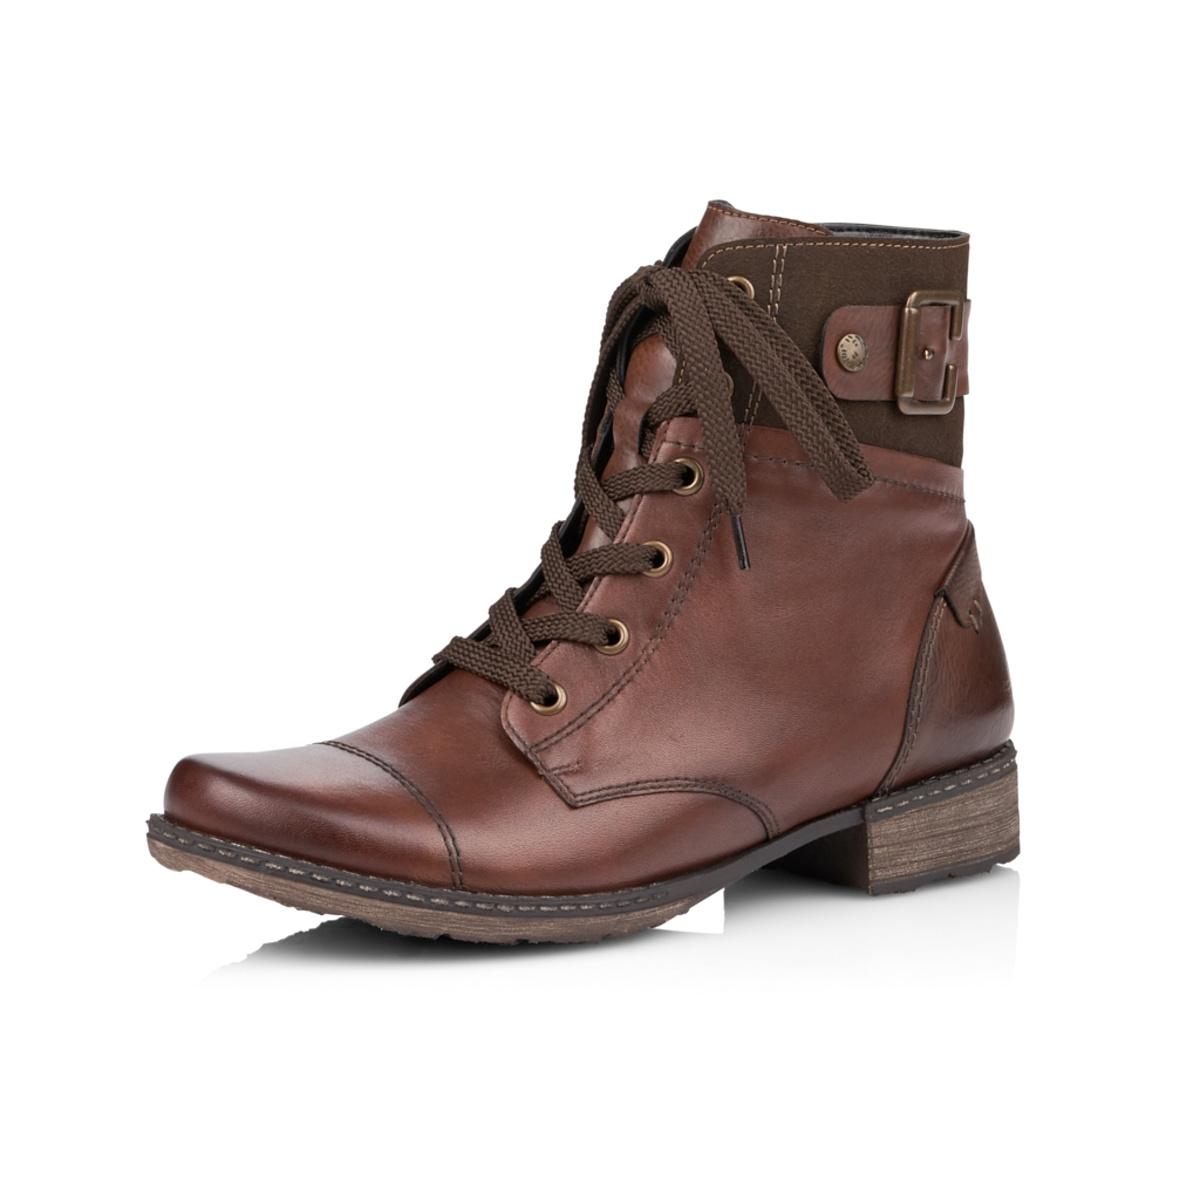 4b73c7ff7b004 Dámska obuv RIEKER D4368/25 BRAUN KOMBI H/W 8   Rieker